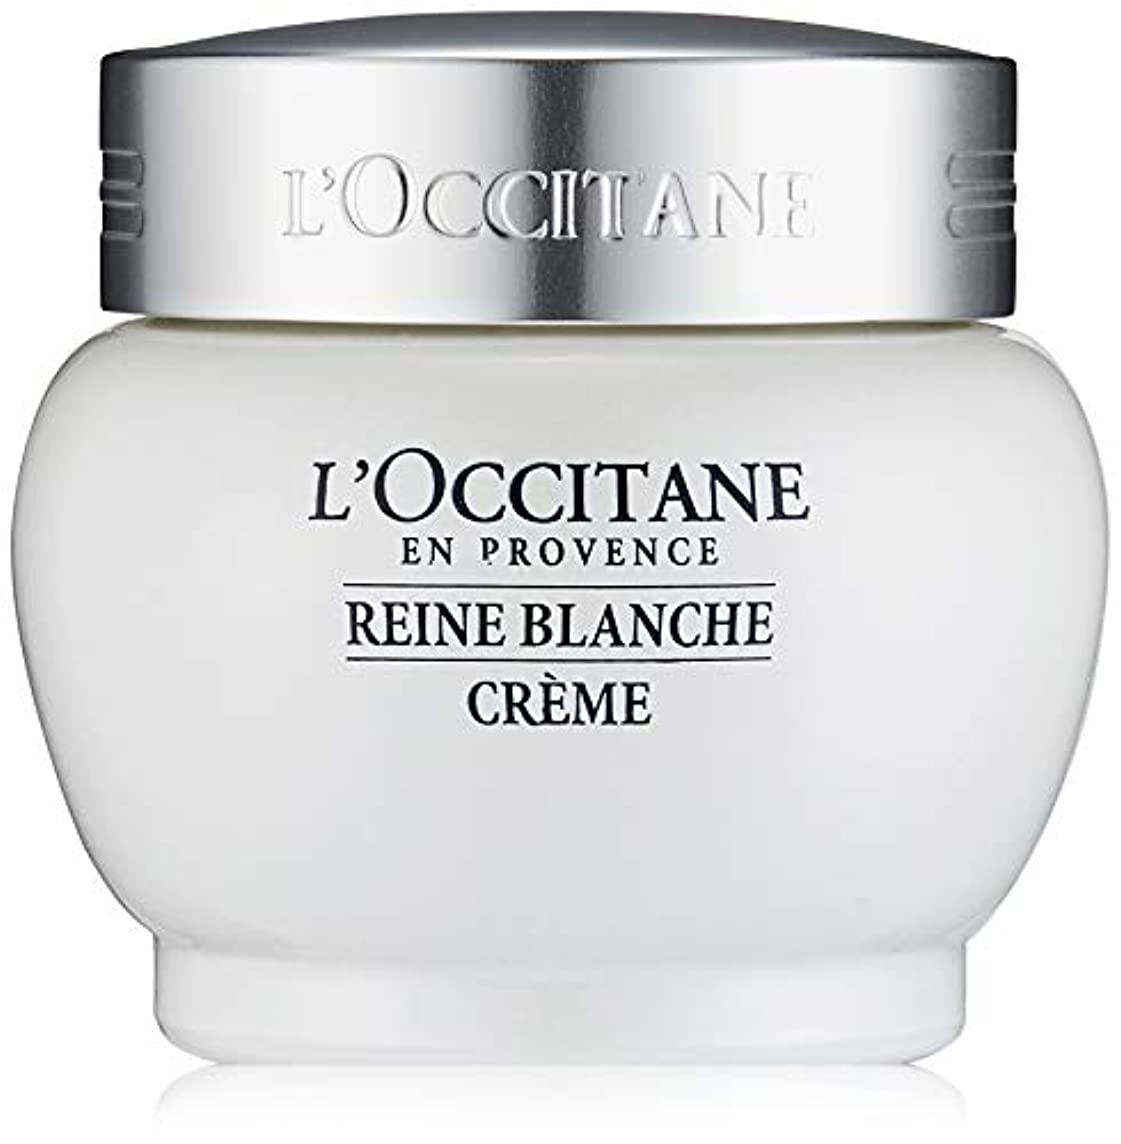 ロクシタン(L'OCCITANE) レーヌブランシュ ホワイトインフュージョンジェルクリーム 50ml